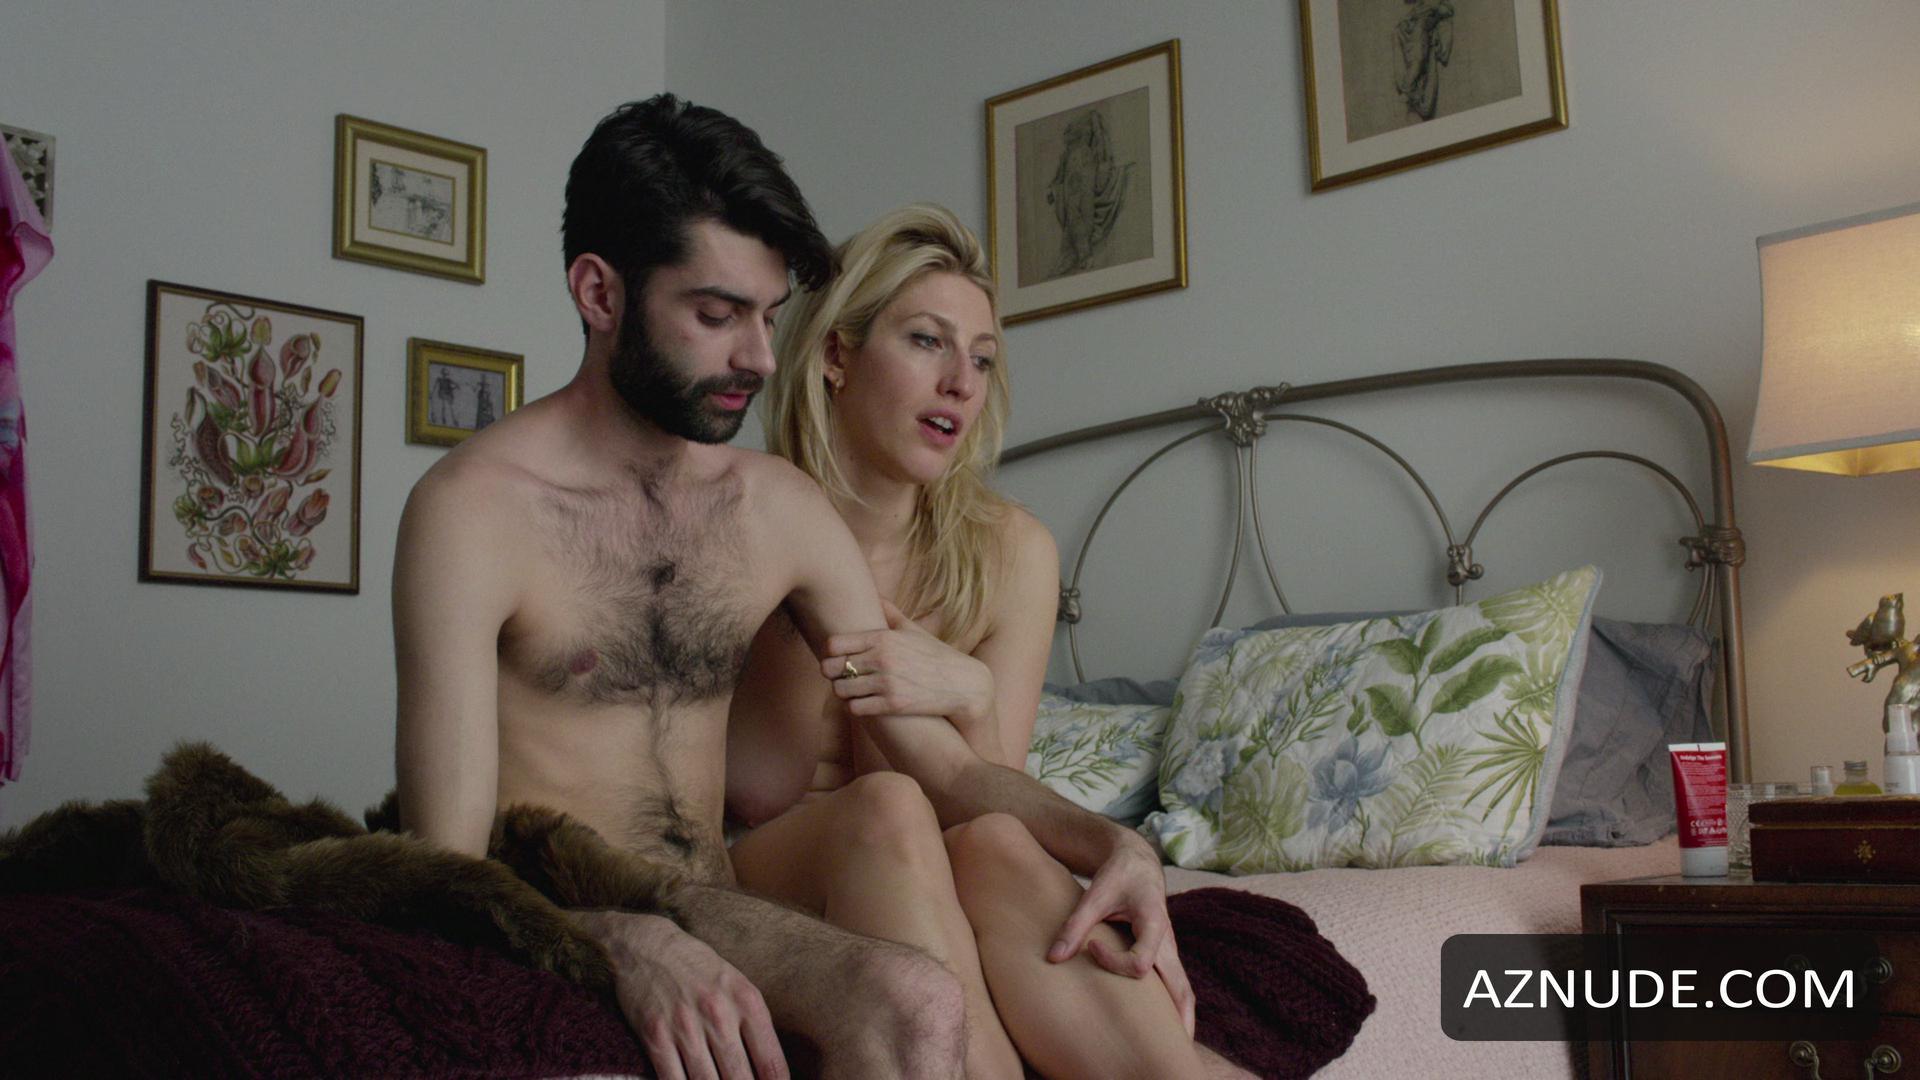 Porn Movies Romania